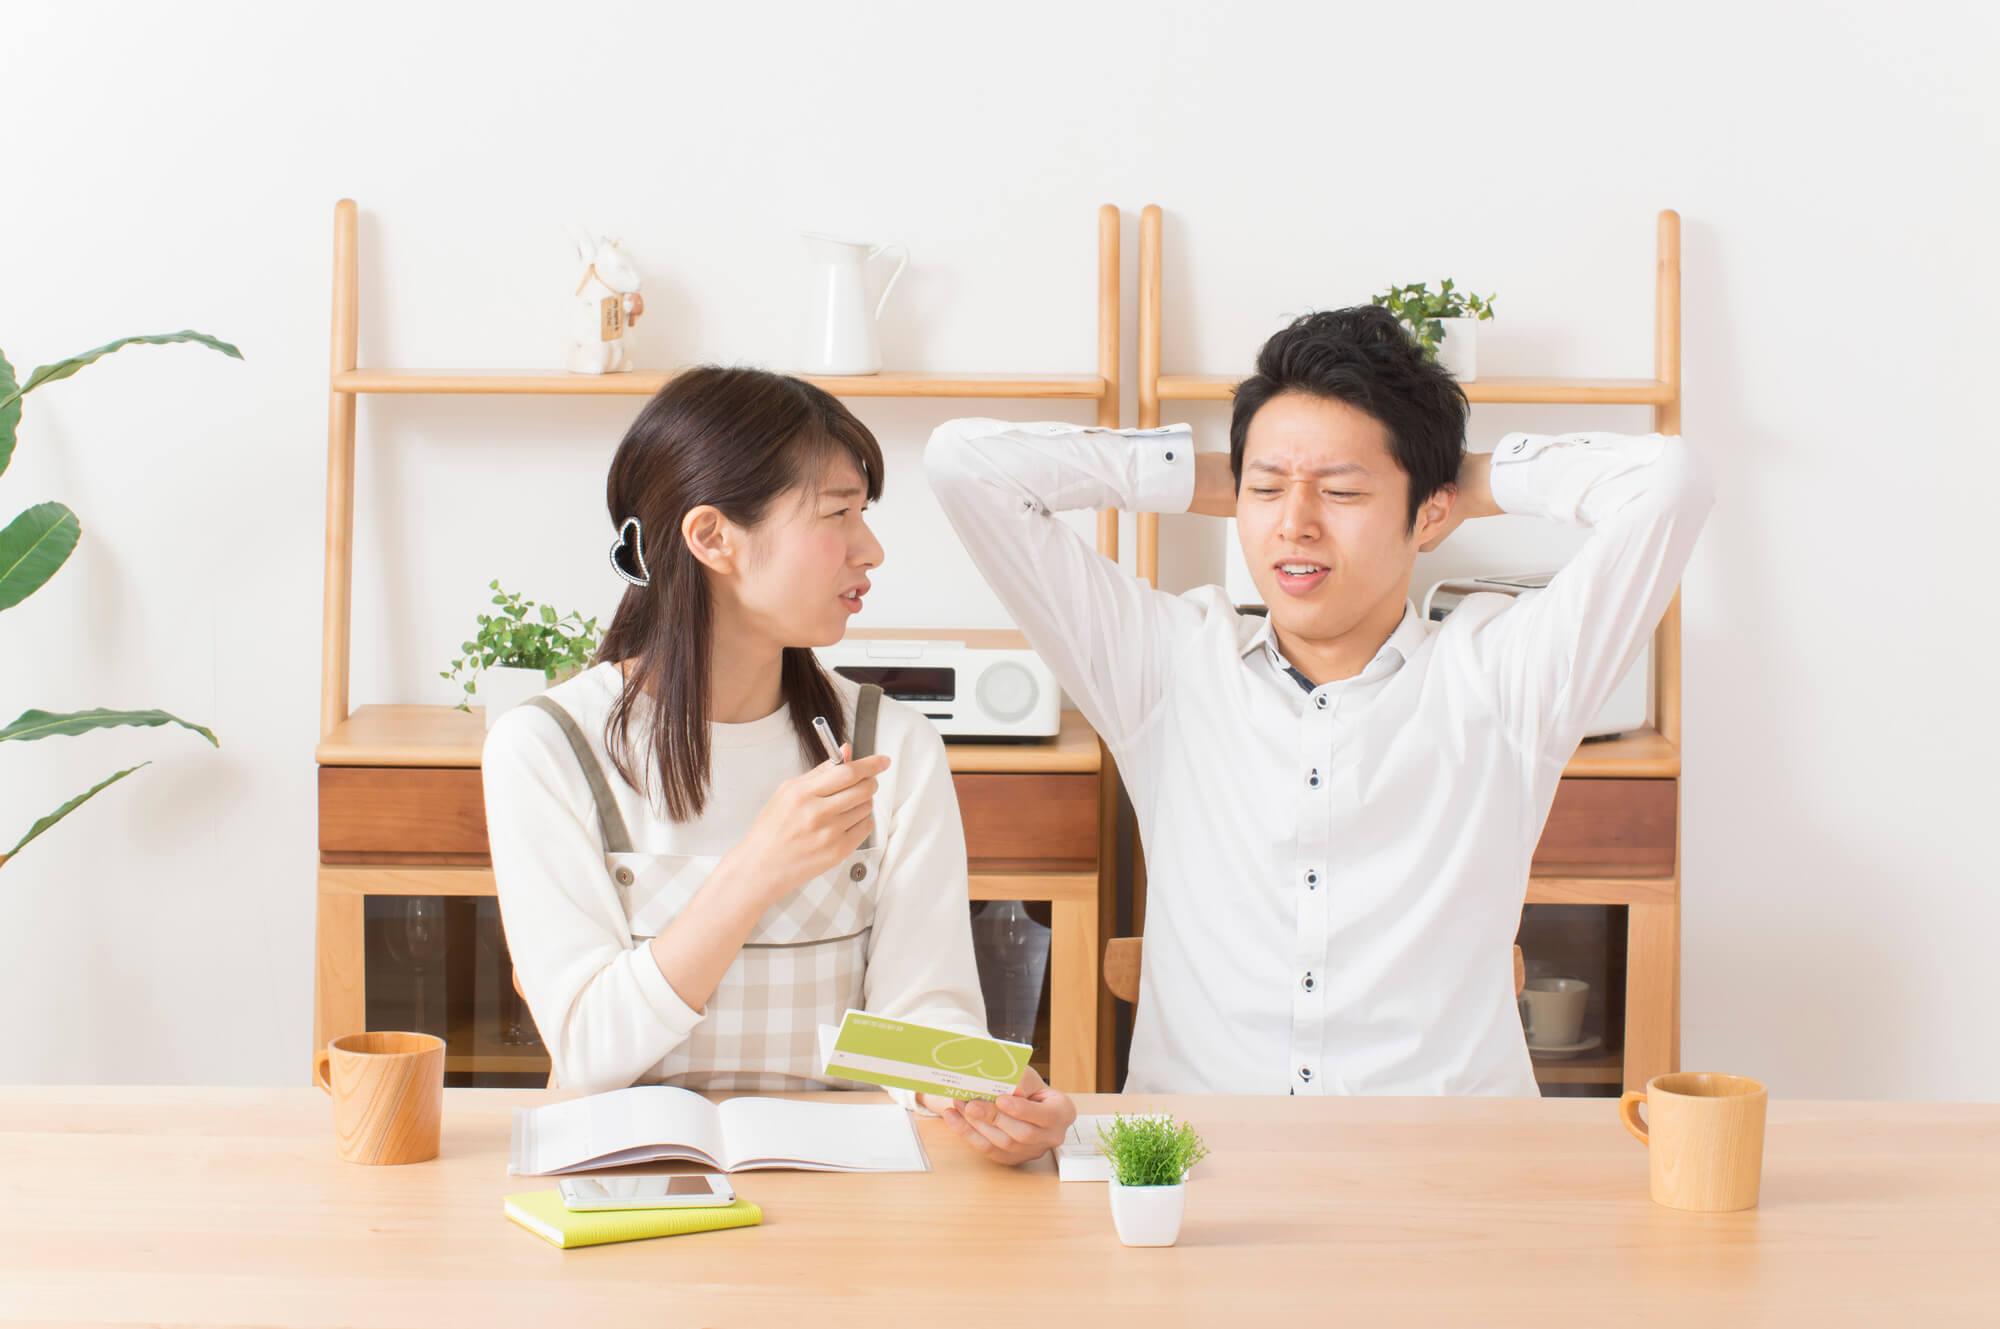 考える若い夫婦